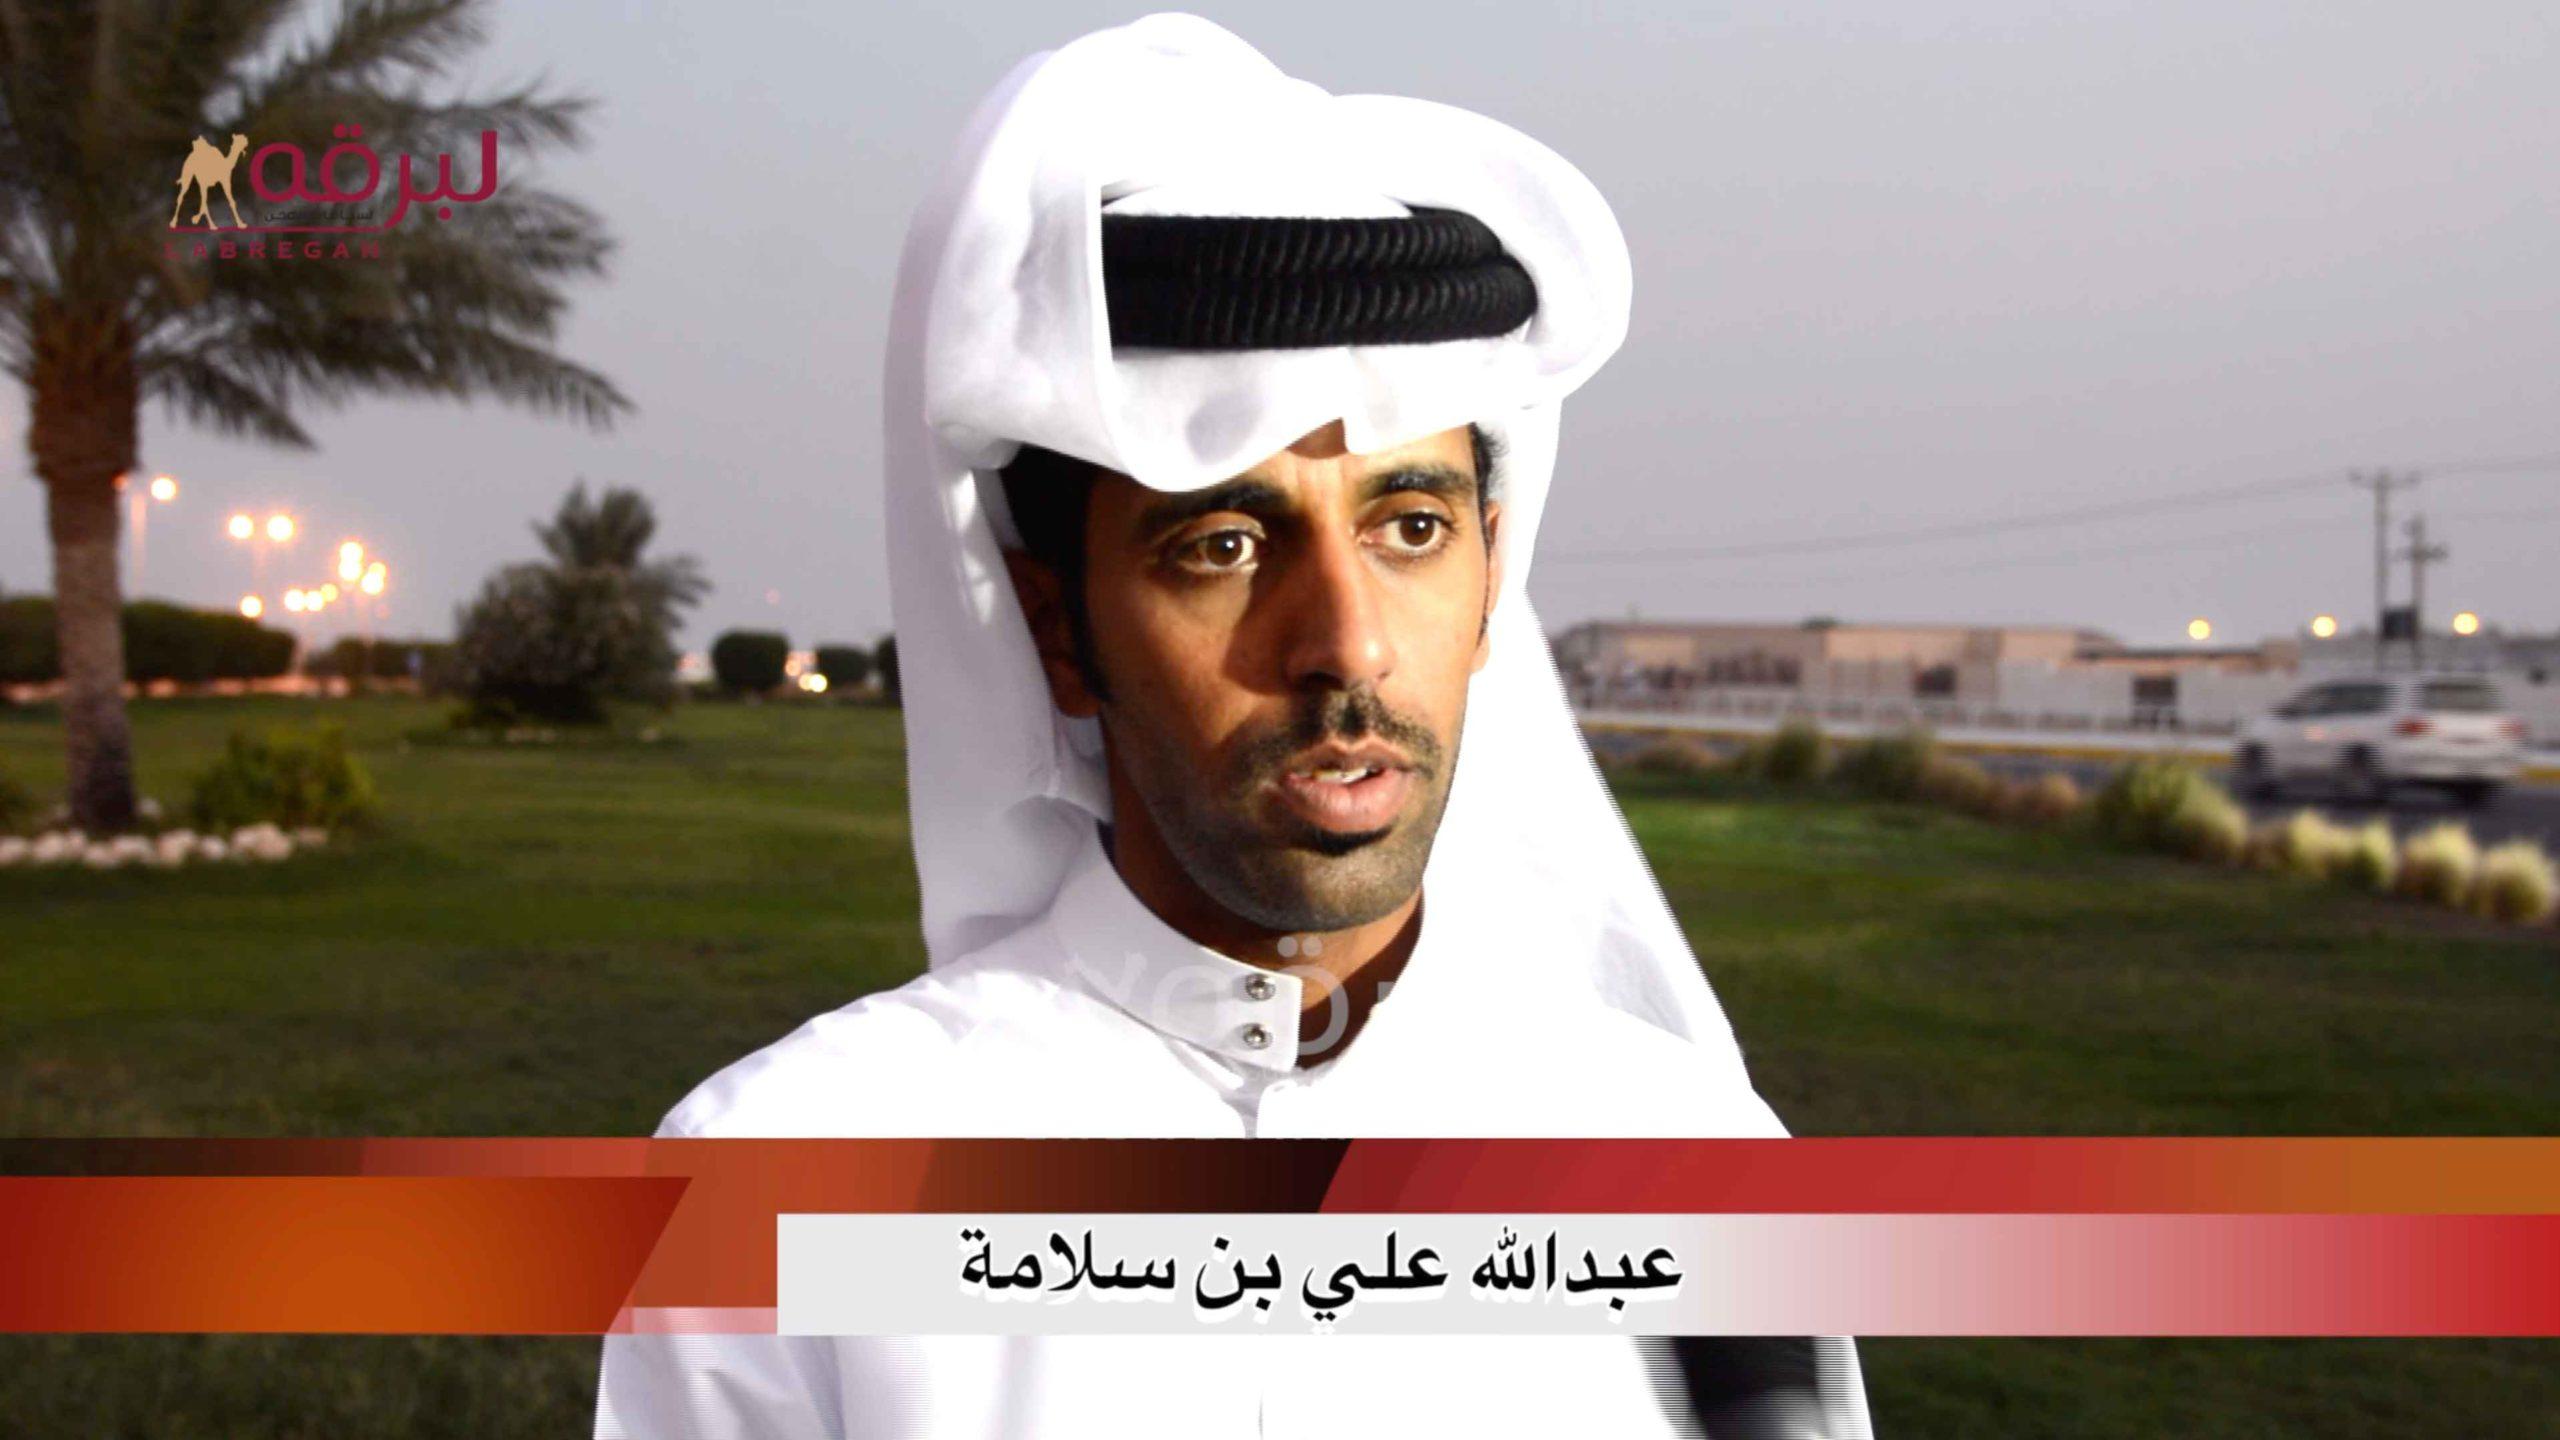 لقاء مع عبدالله علي بن سلامة.. الشوط الرئيسي للحقايق قعدان إنتاج الأشواط المفتوحة ٧-١٠-٢٠٢٠